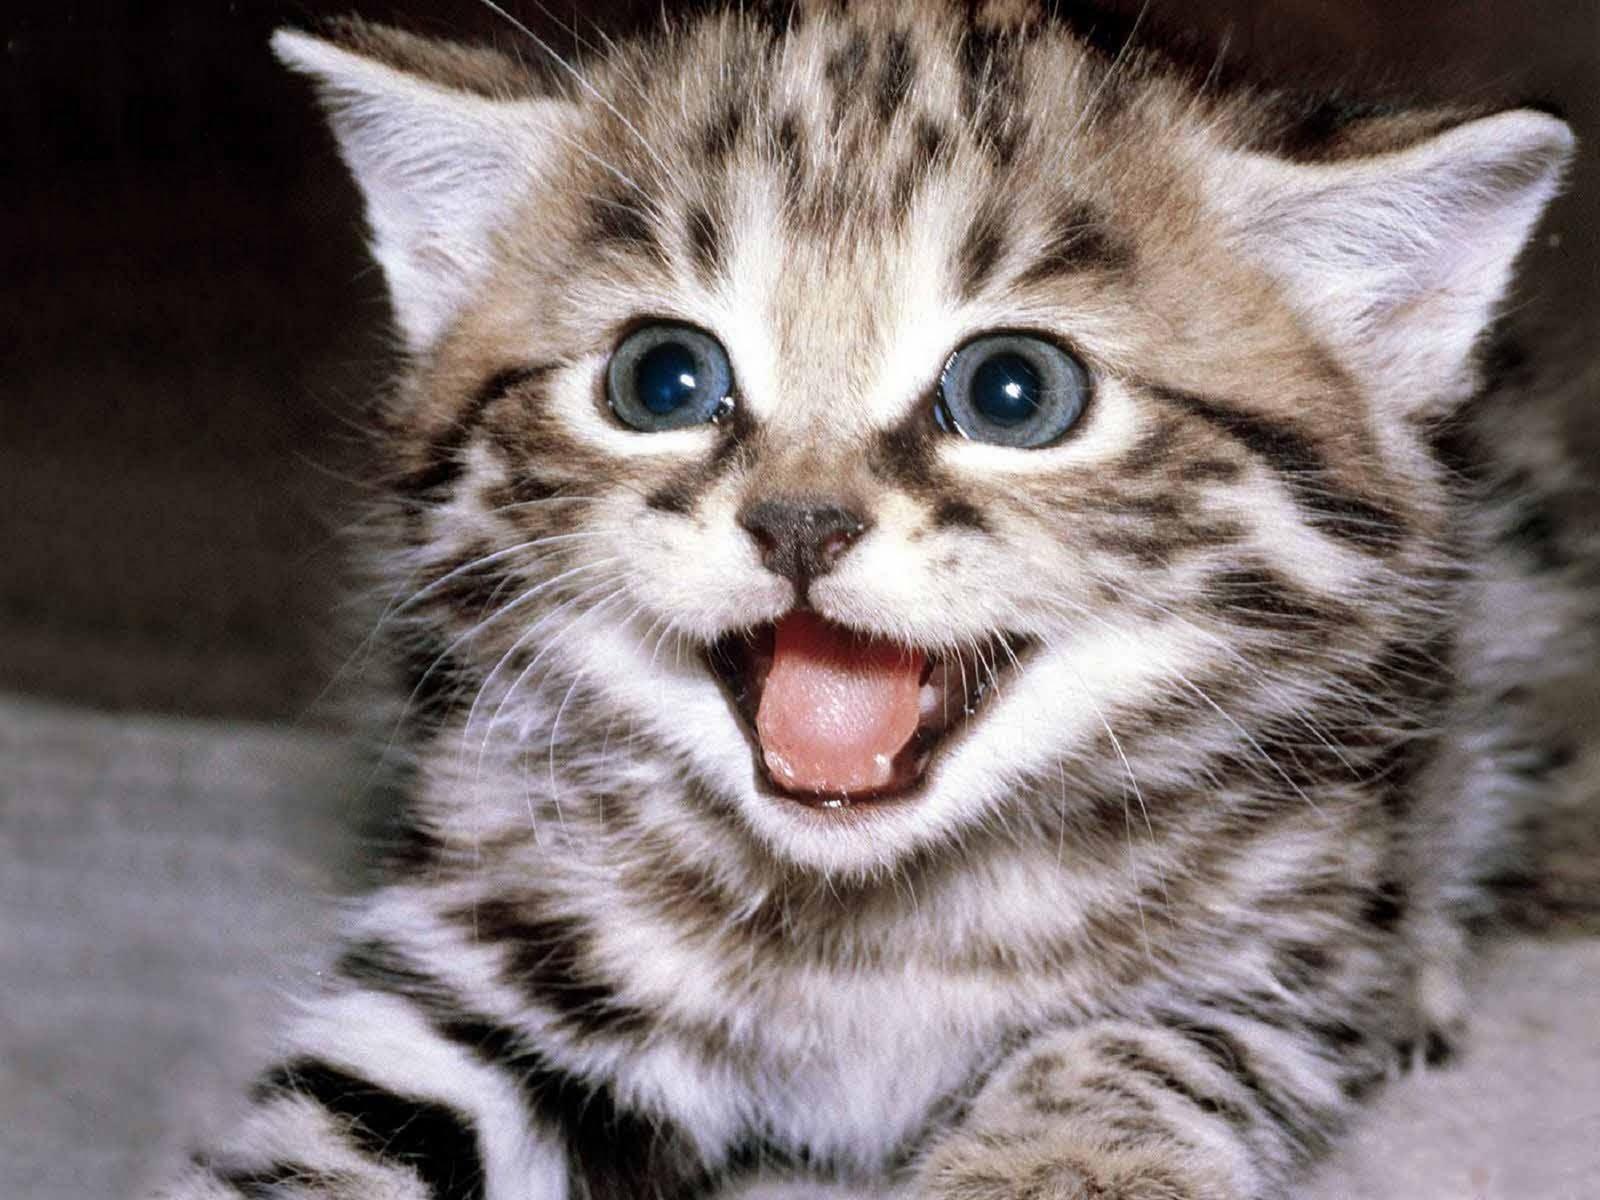 Imágenes Y Fotos De Gatos Bonitos Adorables Y Tiernos